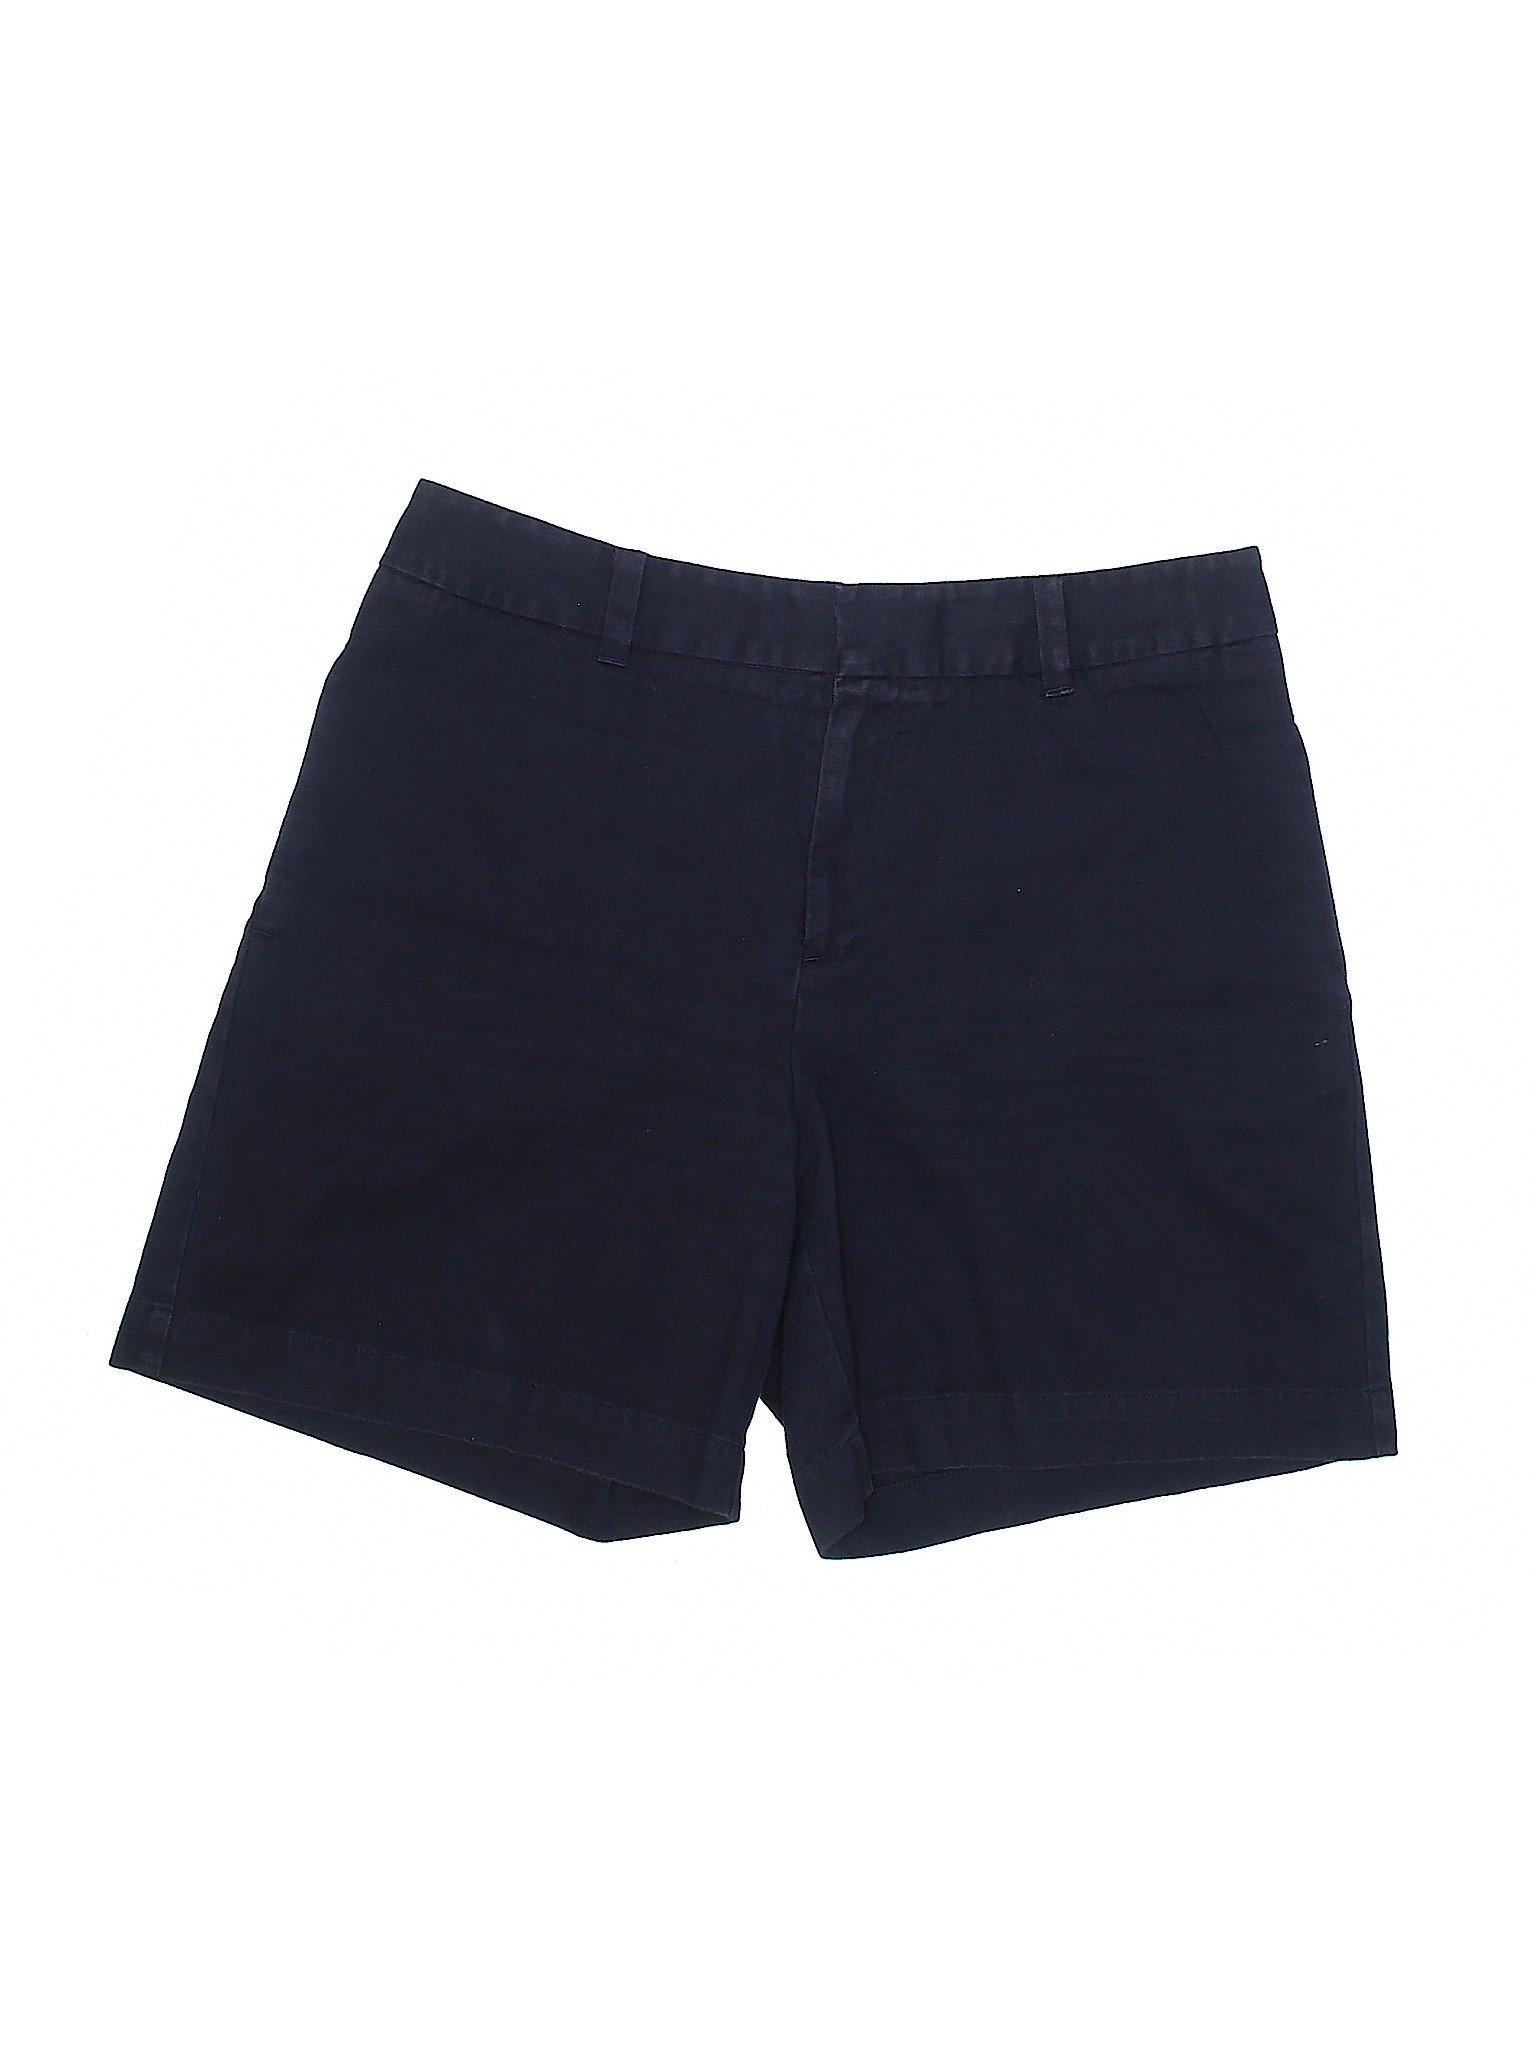 Khaki Boutique Gap Boutique Gap Shorts Shorts Boutique Gap Khaki aaqwr70